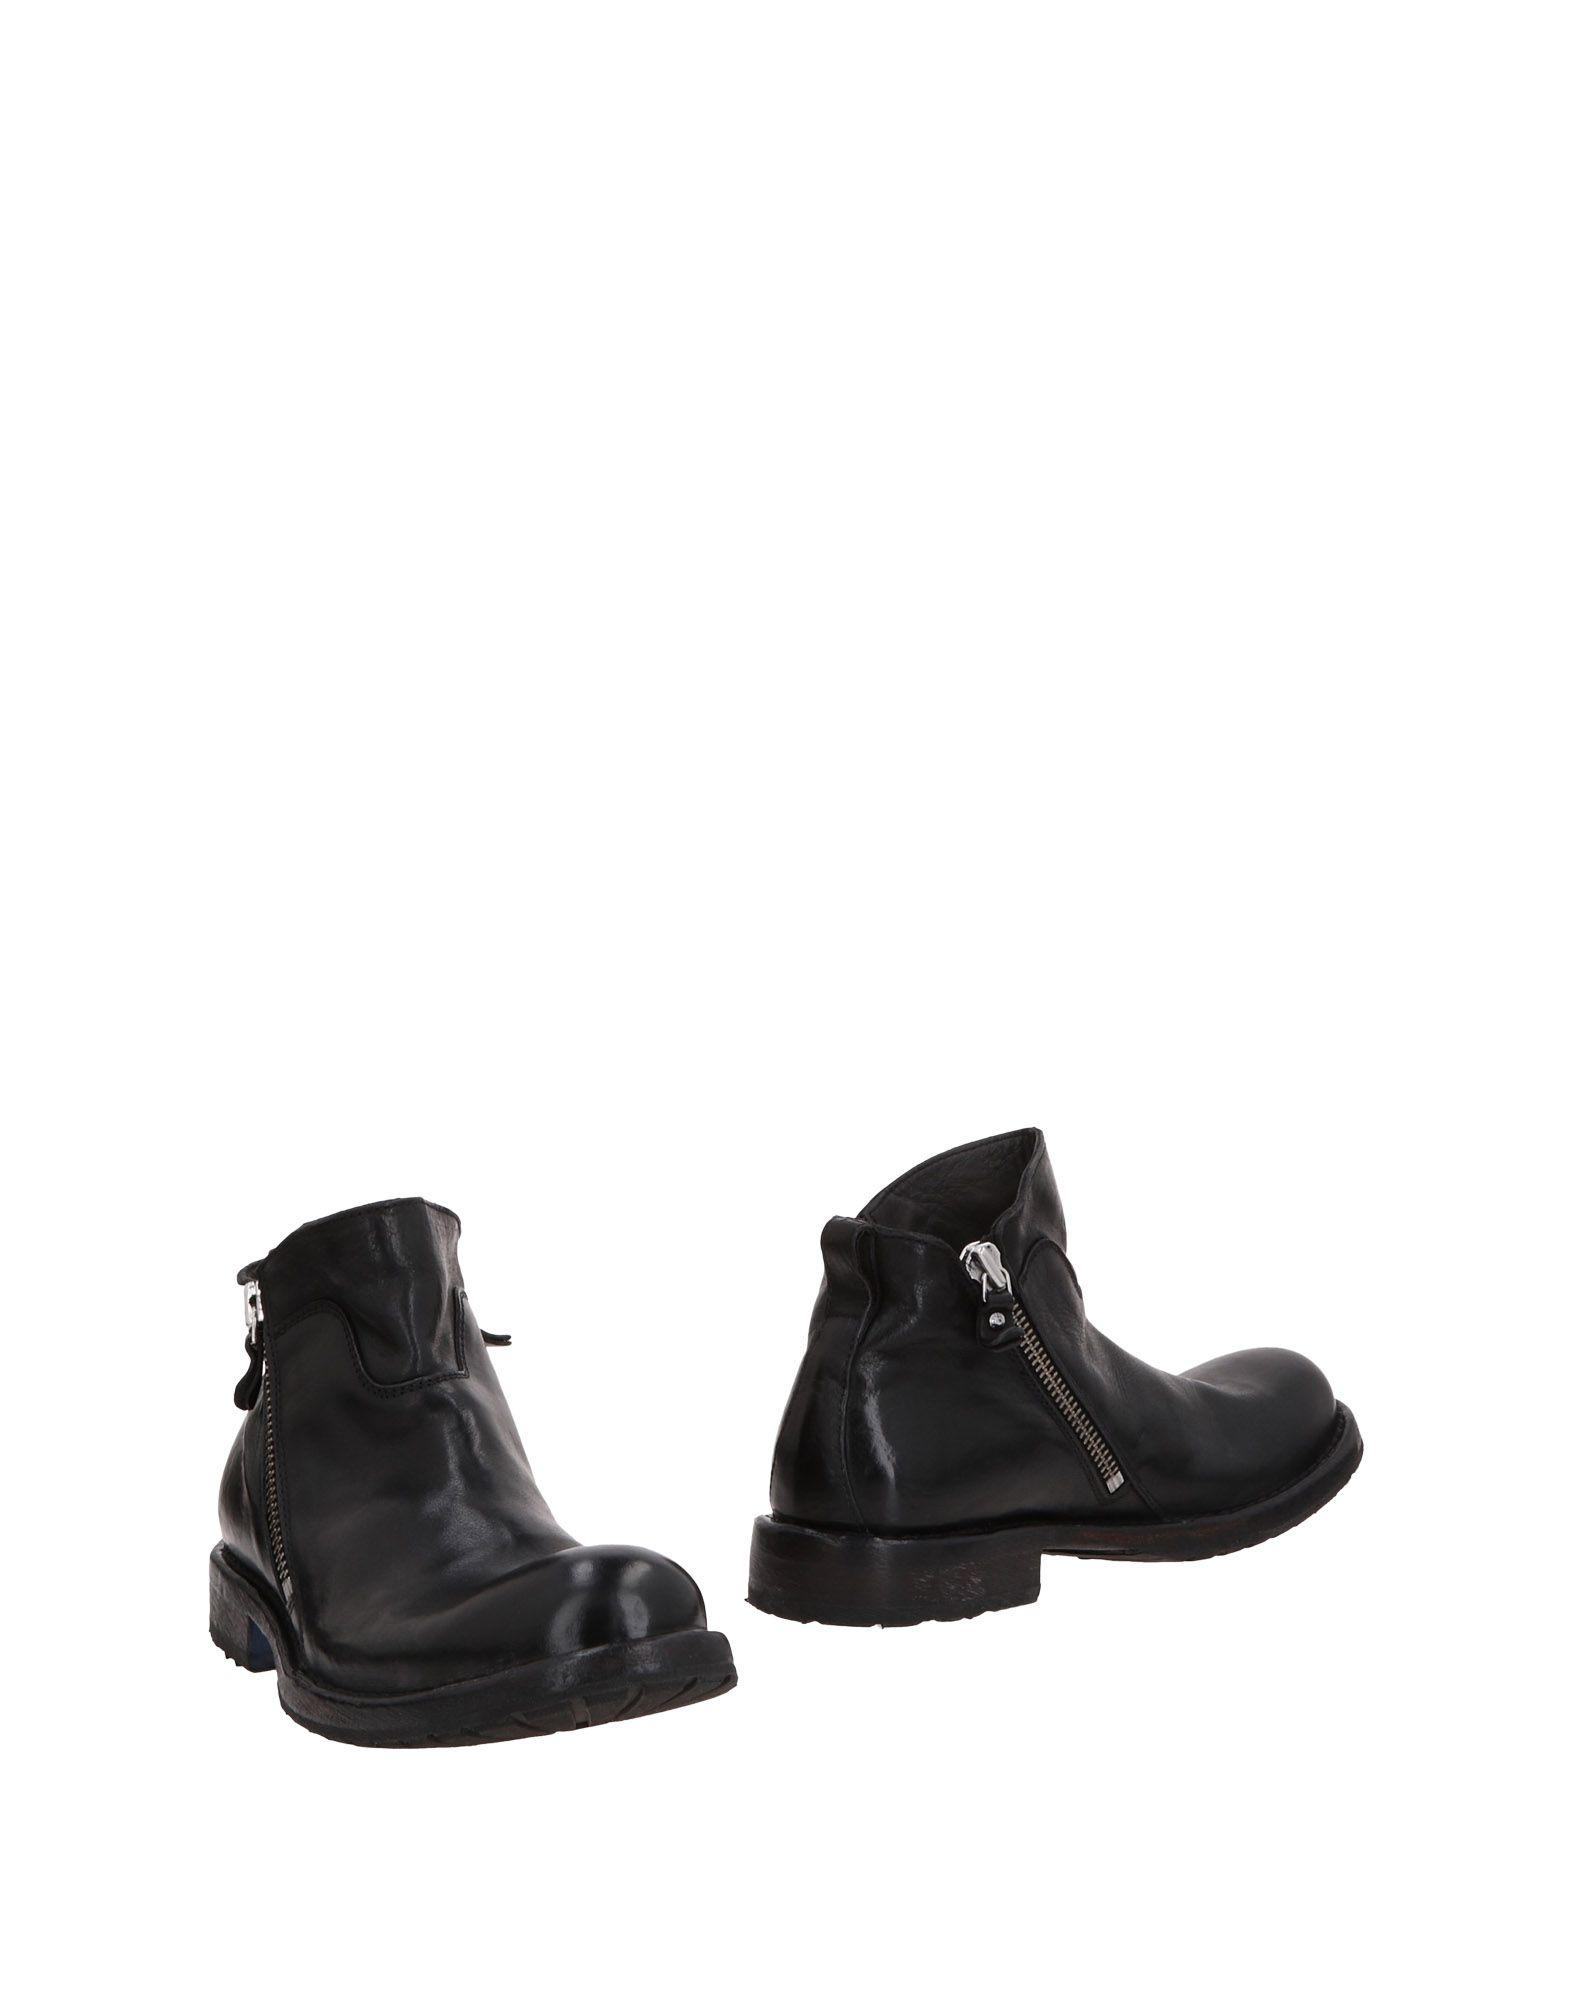 Moma Gute Stiefelette Herren  11471680LM Gute Moma Qualität beliebte Schuhe dde452